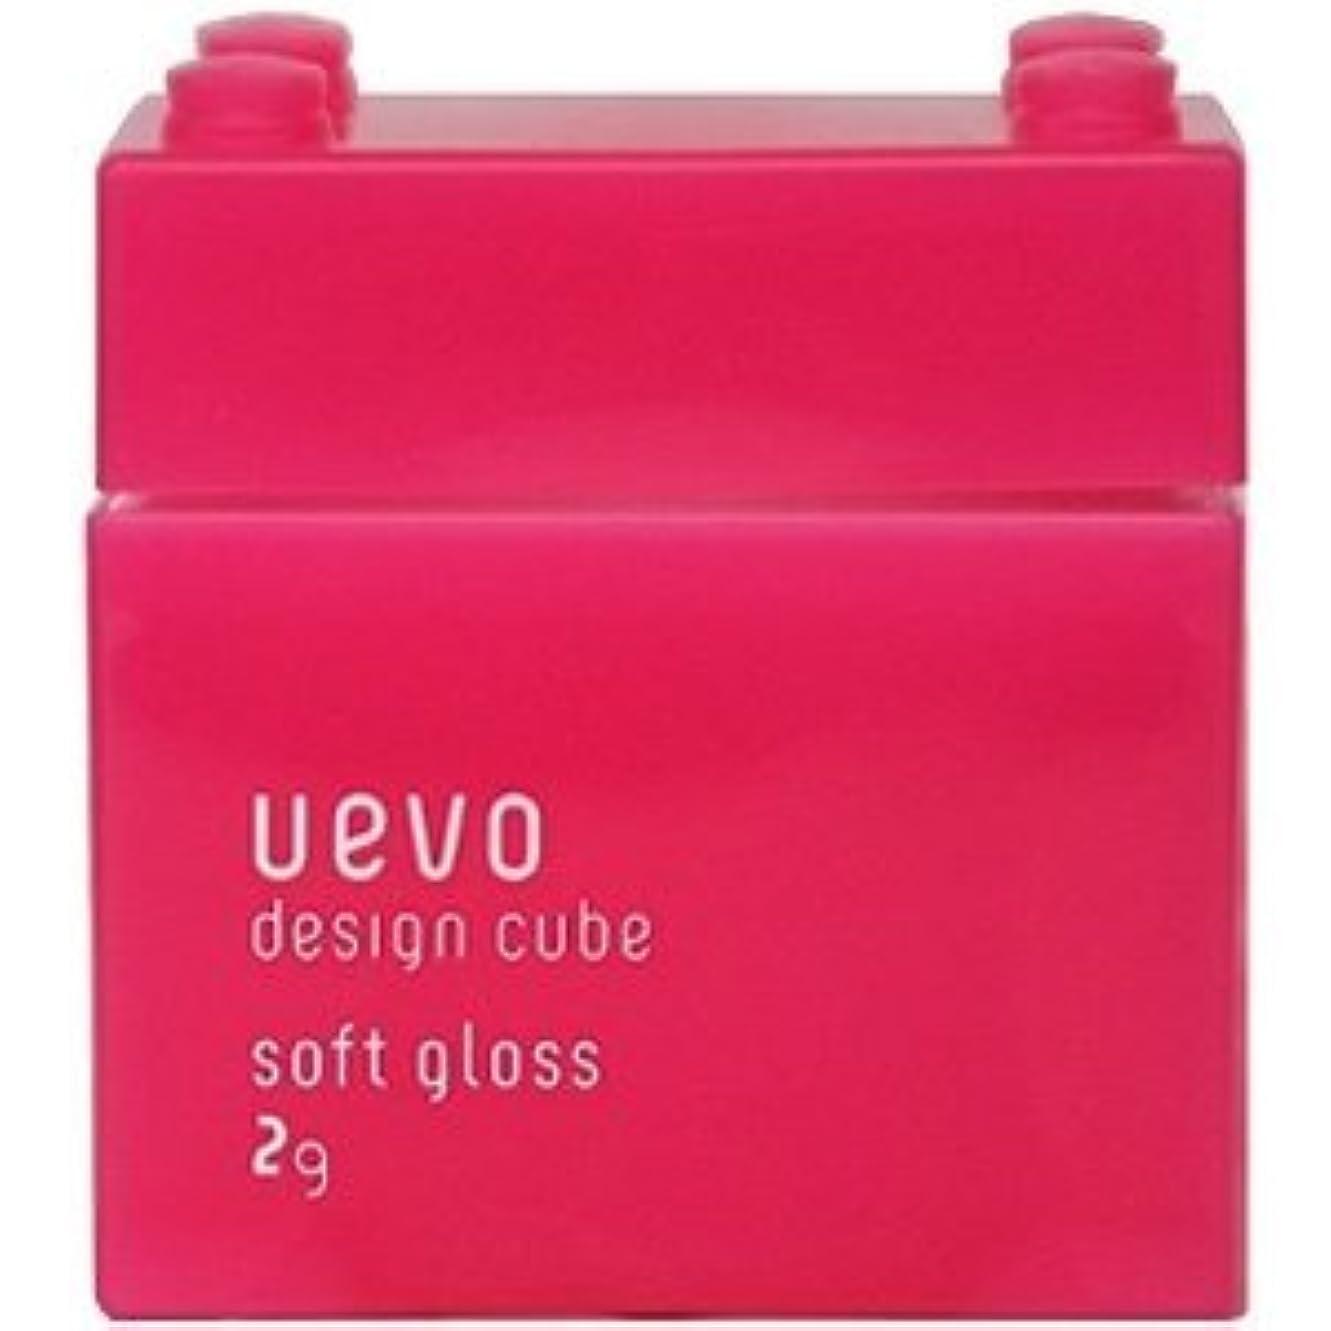 細心のベッツィトロットウッドパーチナシティ【X2個セット】 デミ ウェーボ デザインキューブ ソフトグロス 80g soft gloss DEMI uevo design cube